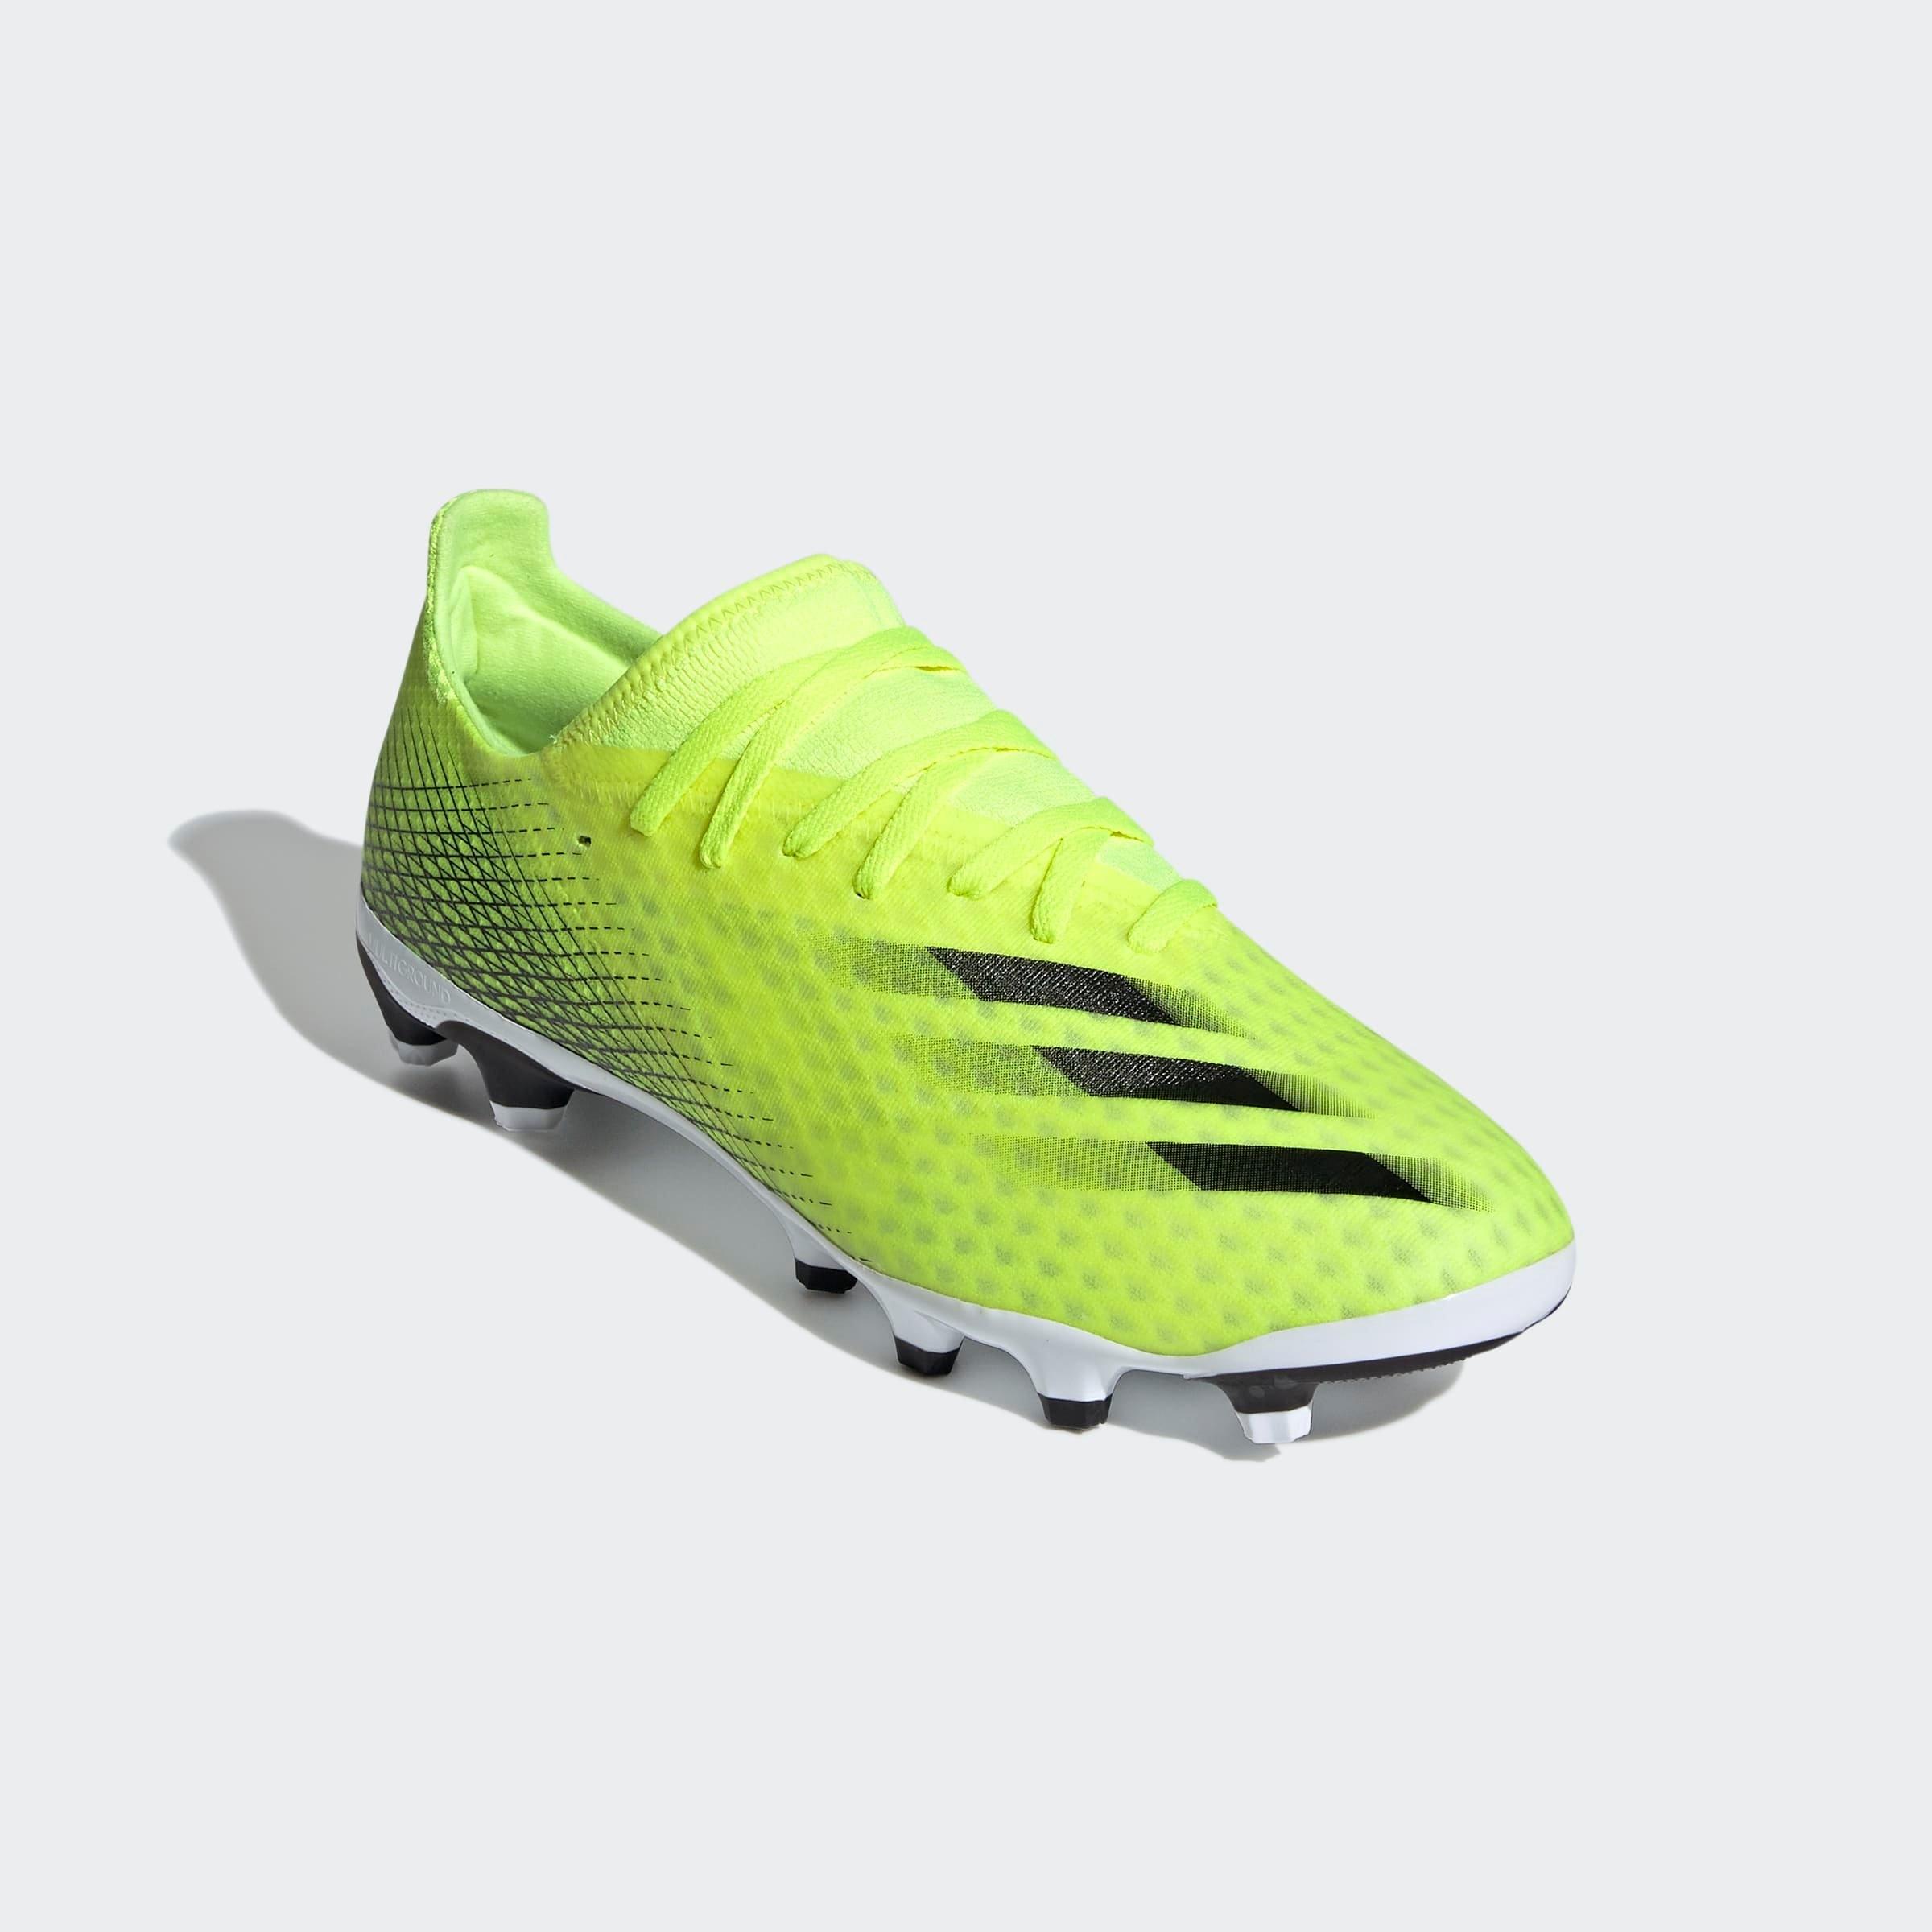 adidas Performance voetbalschoenen »X GHOSTED 3 MG« goedkoop op otto.nl kopen